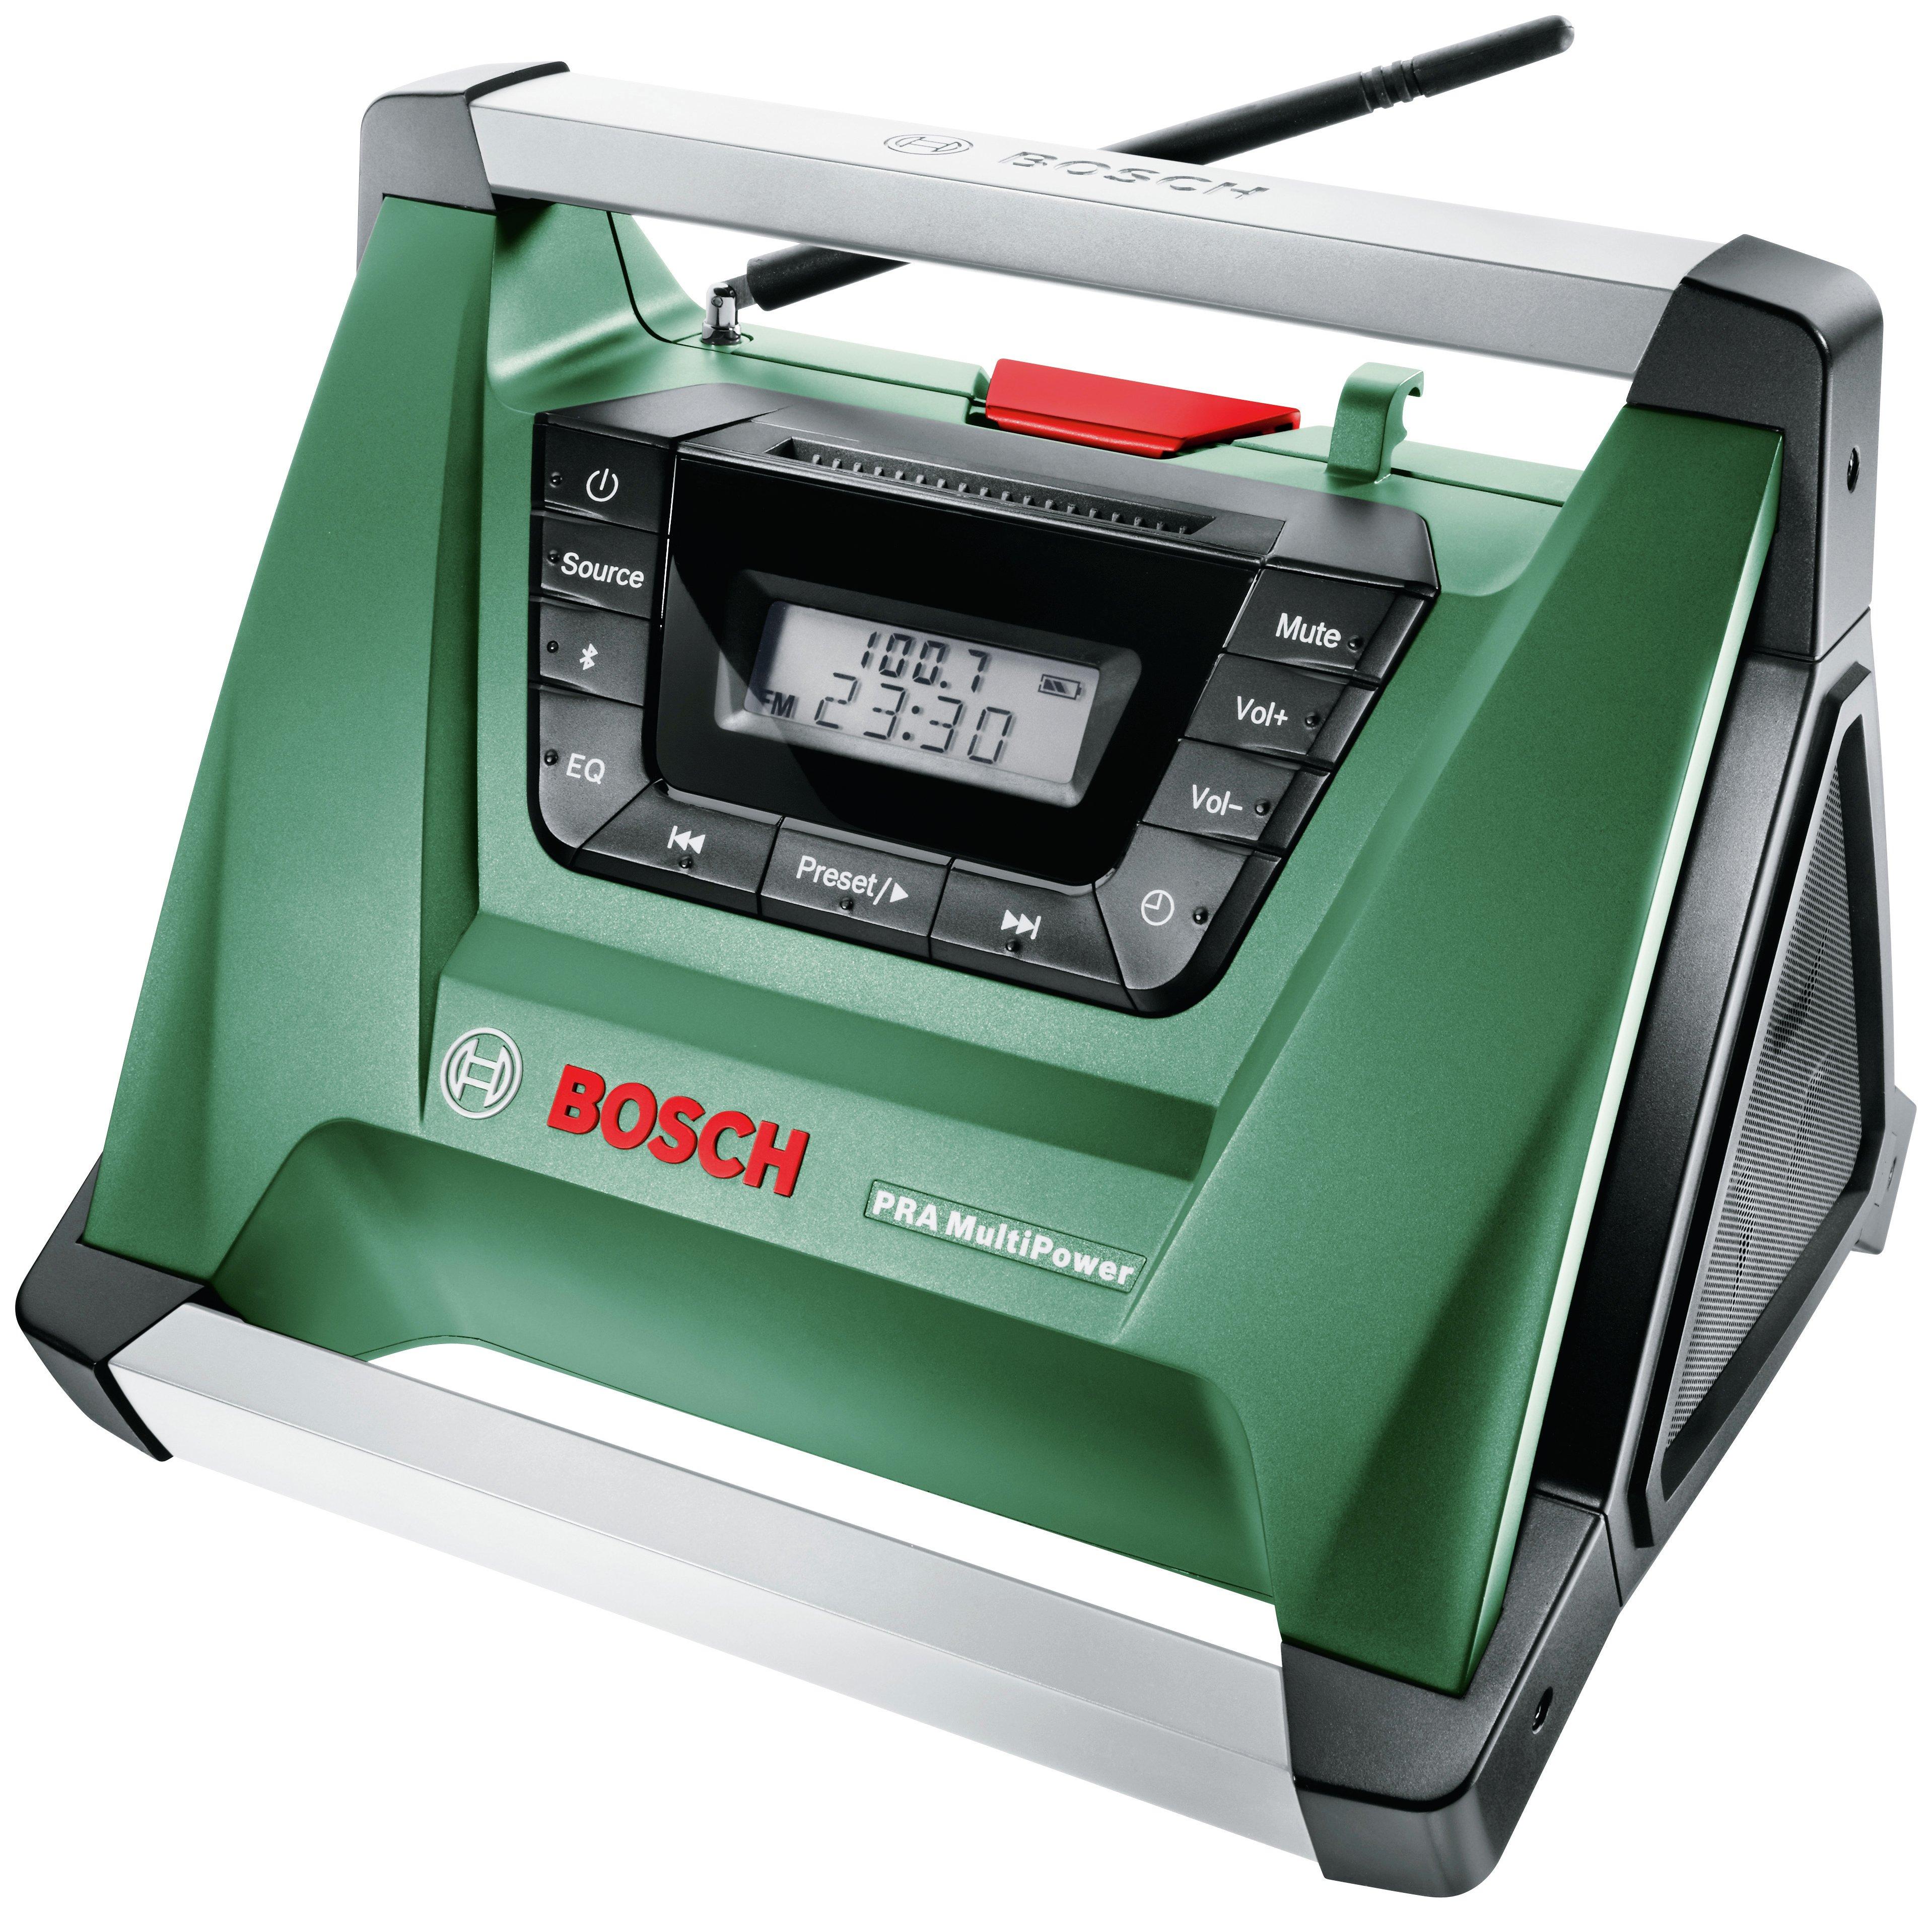 bosch-pra-multipower-radio